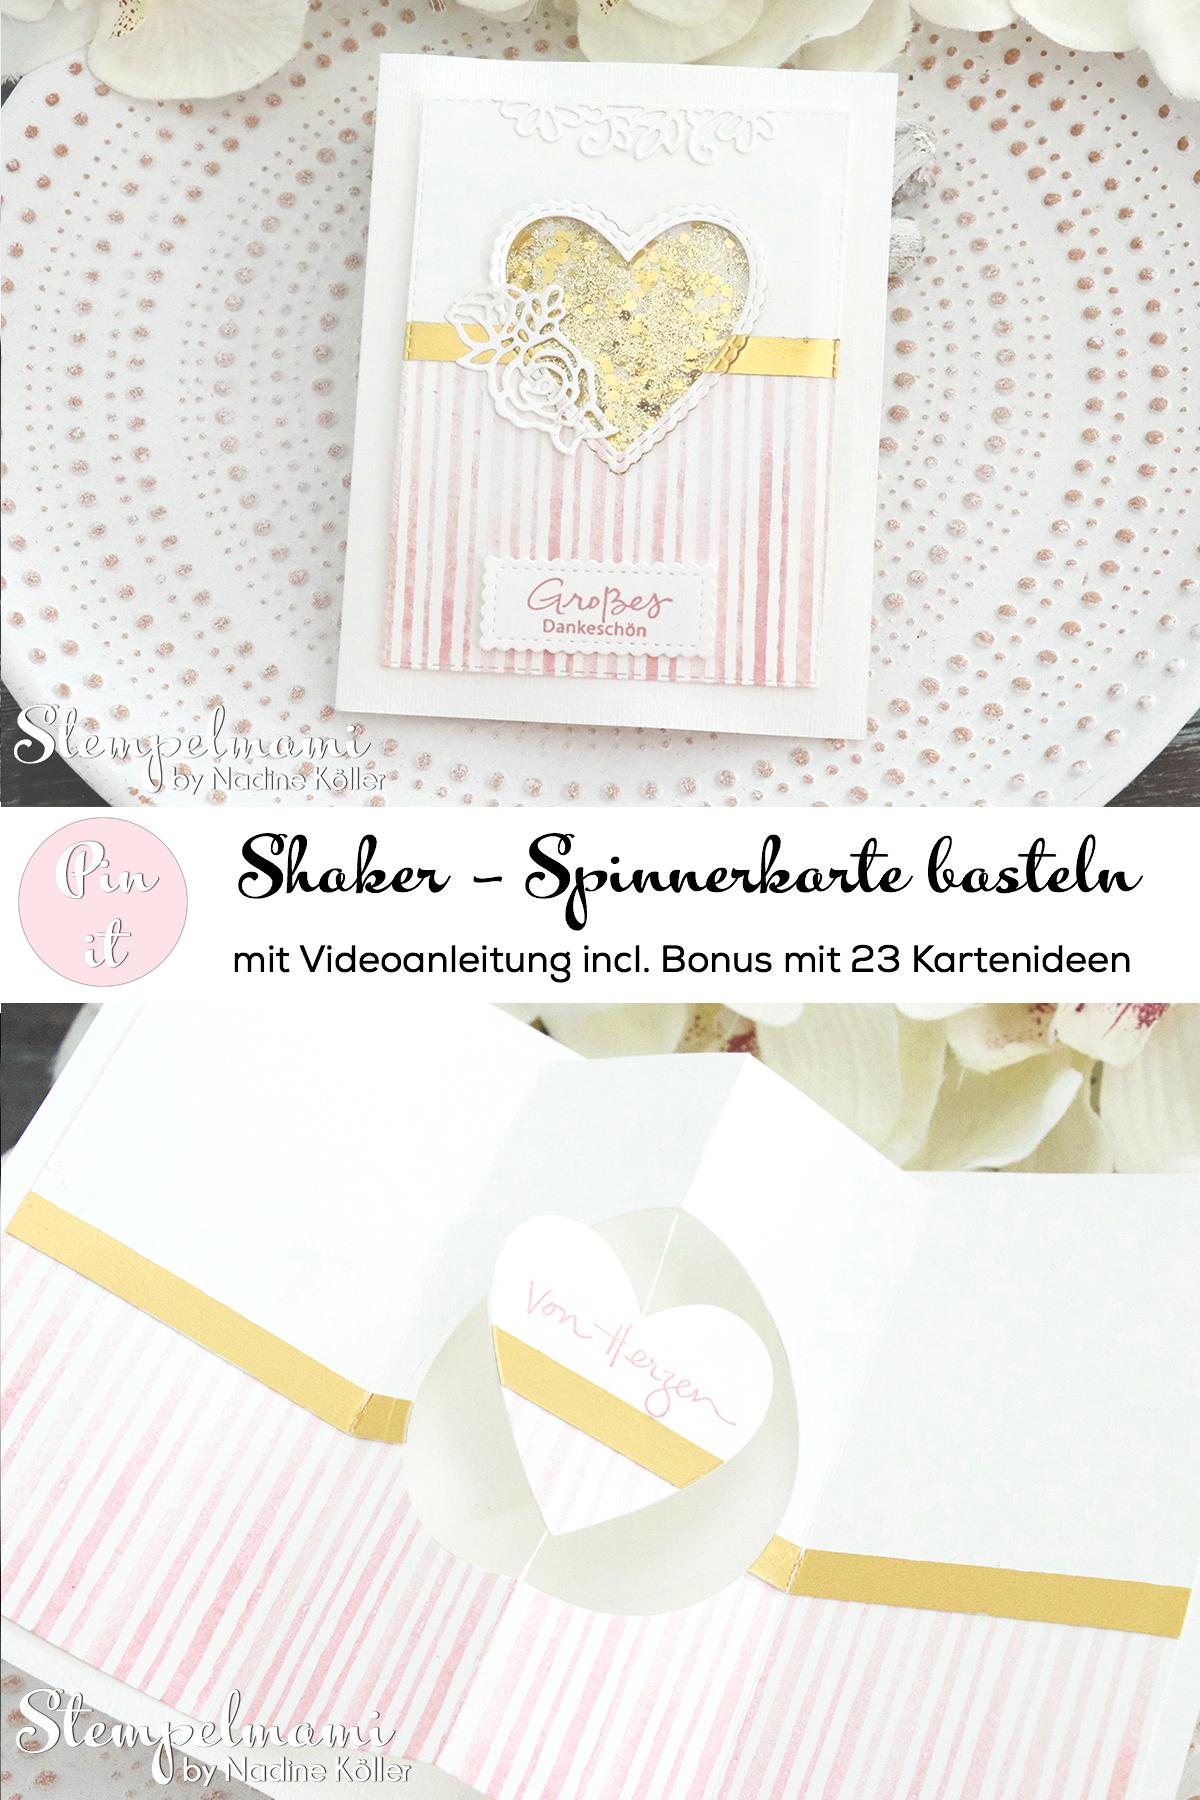 Stampin Up Shaker Spinnerkarte incl. 23 Kreative Kartenideen Swaptausch Team Stempelmami 7